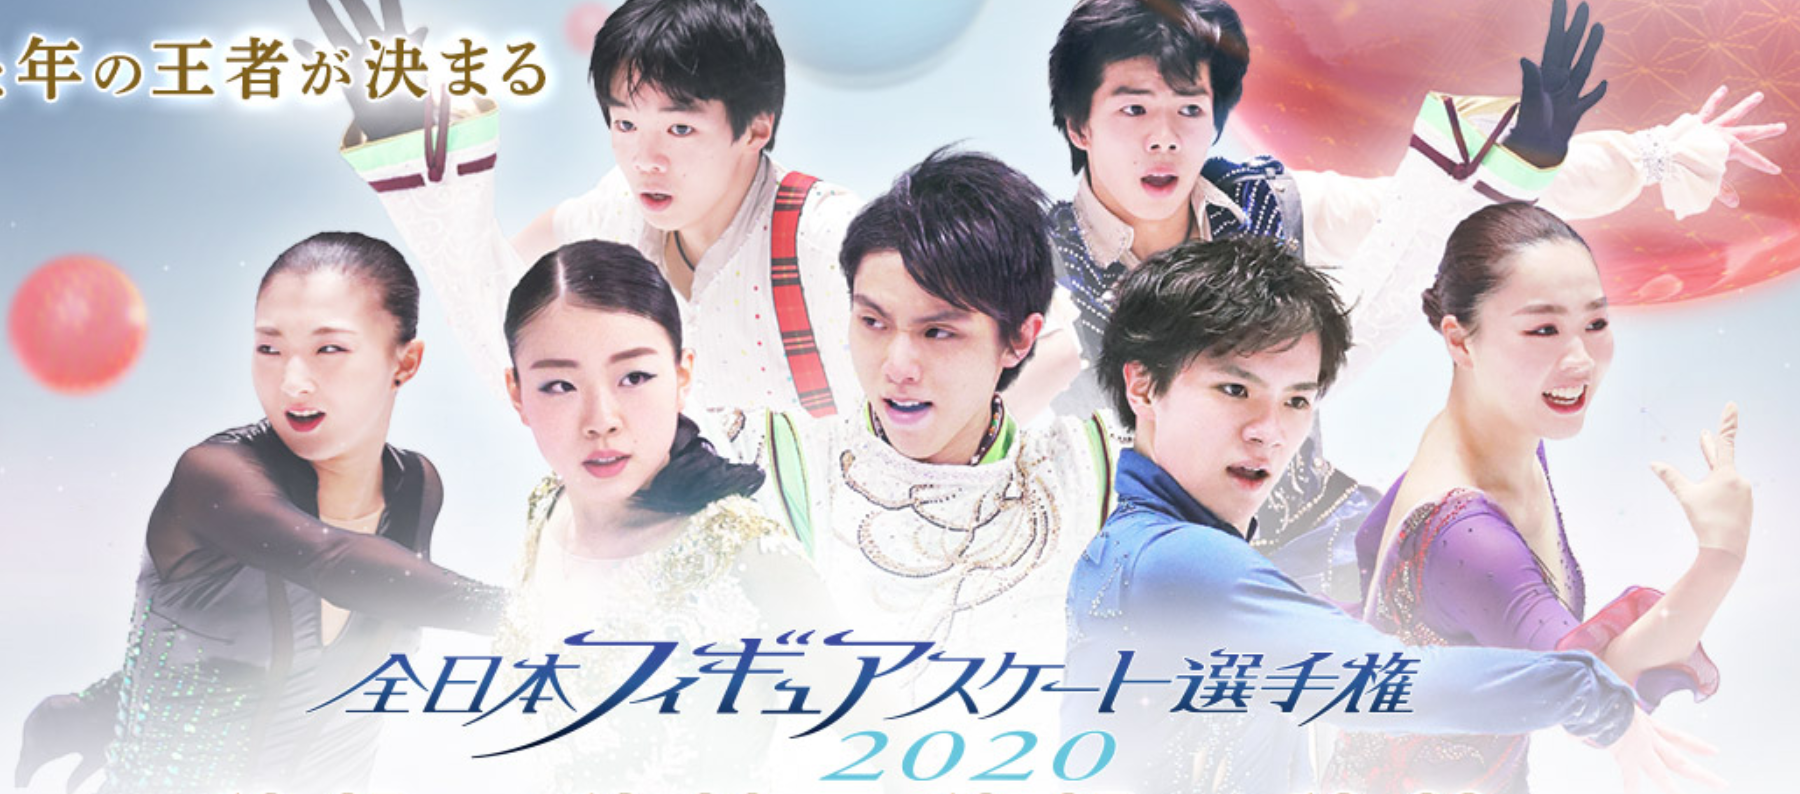 フジテレビ「全日本フィギュアスケート選手権2020」番組公式サイトより